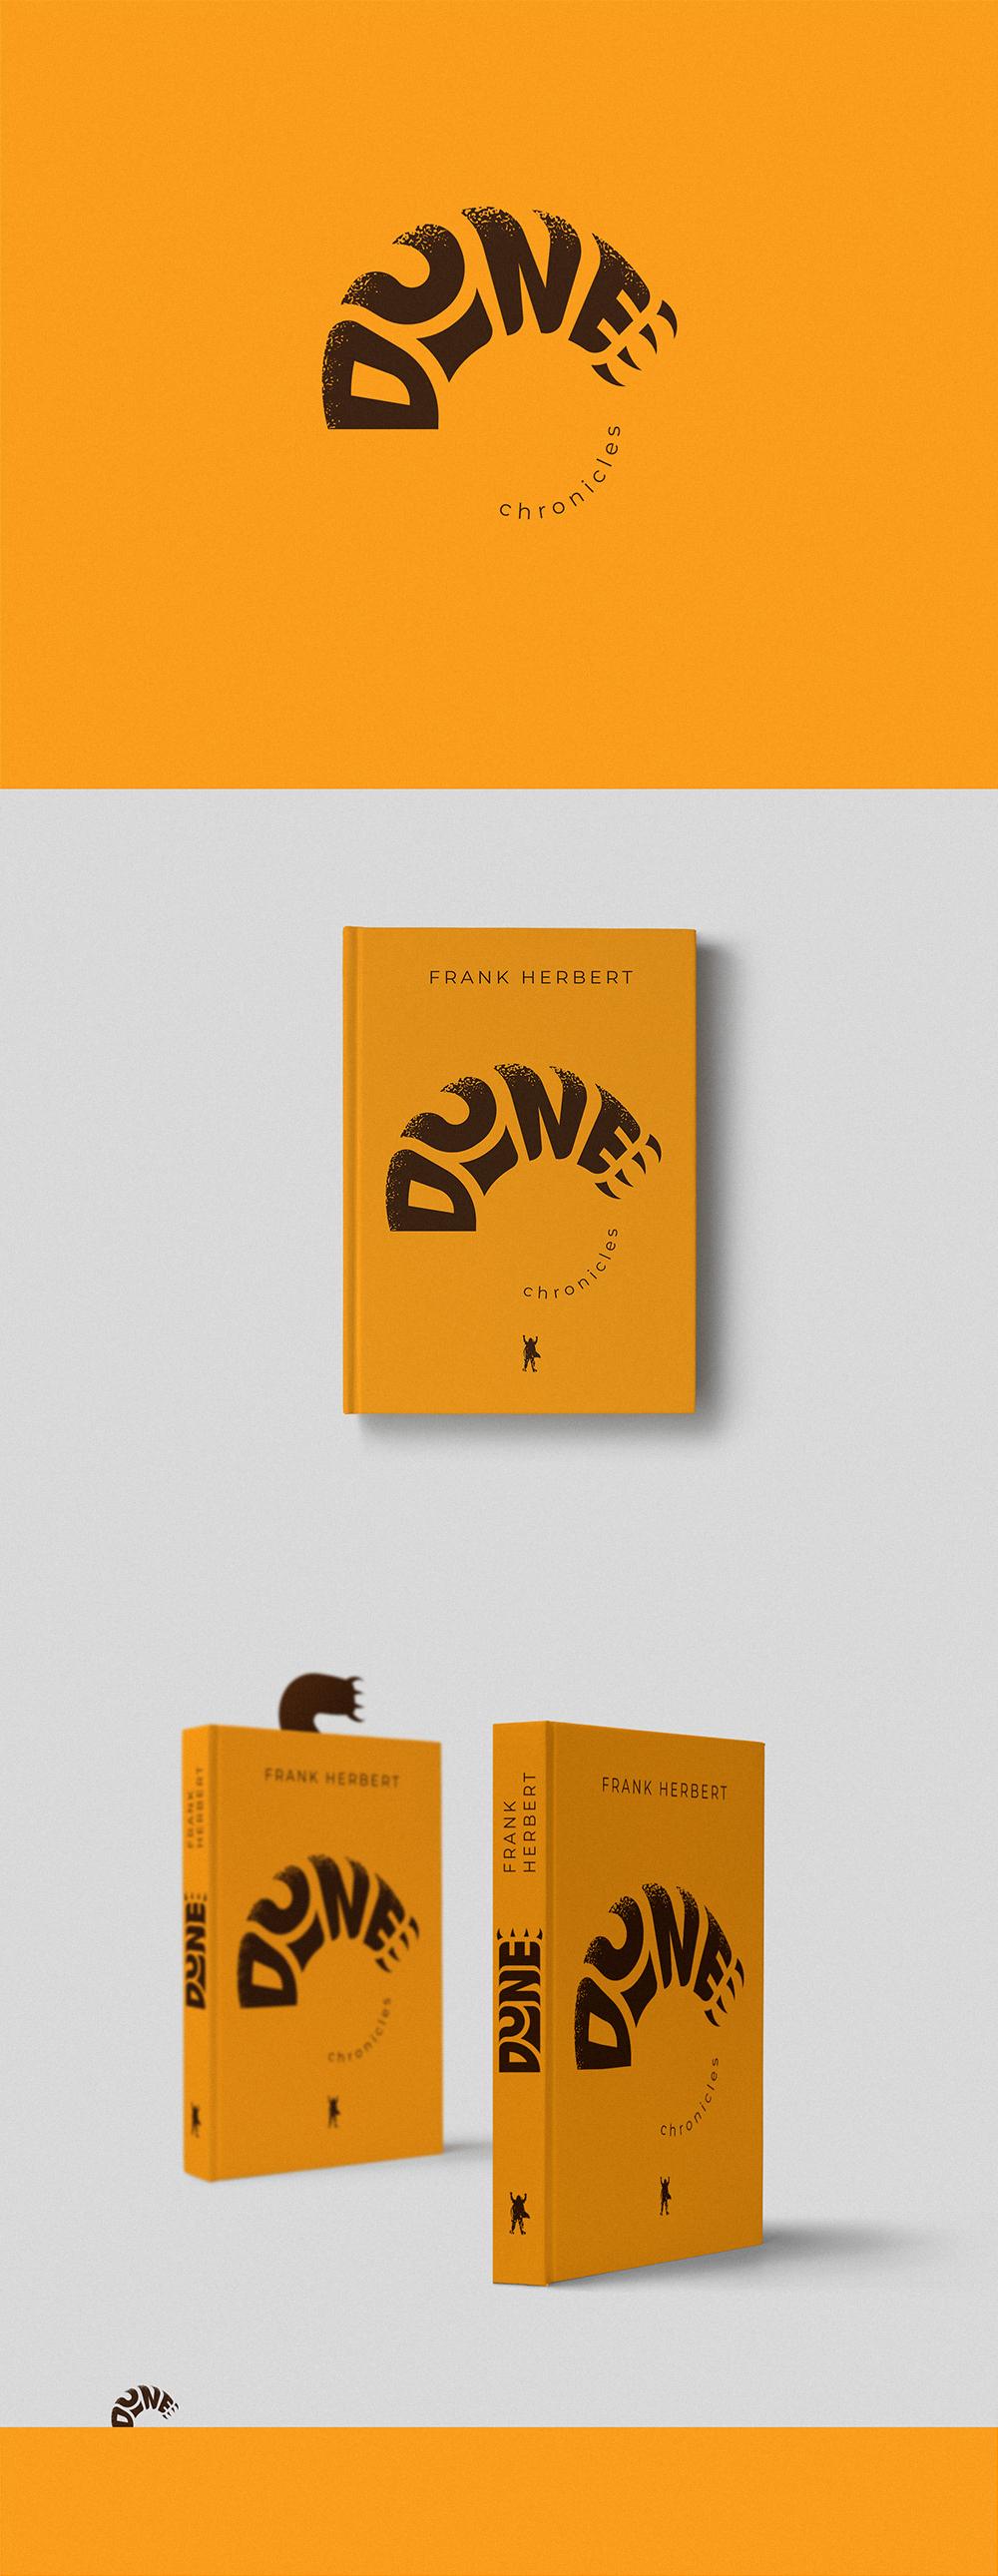 Duna_book.jpg